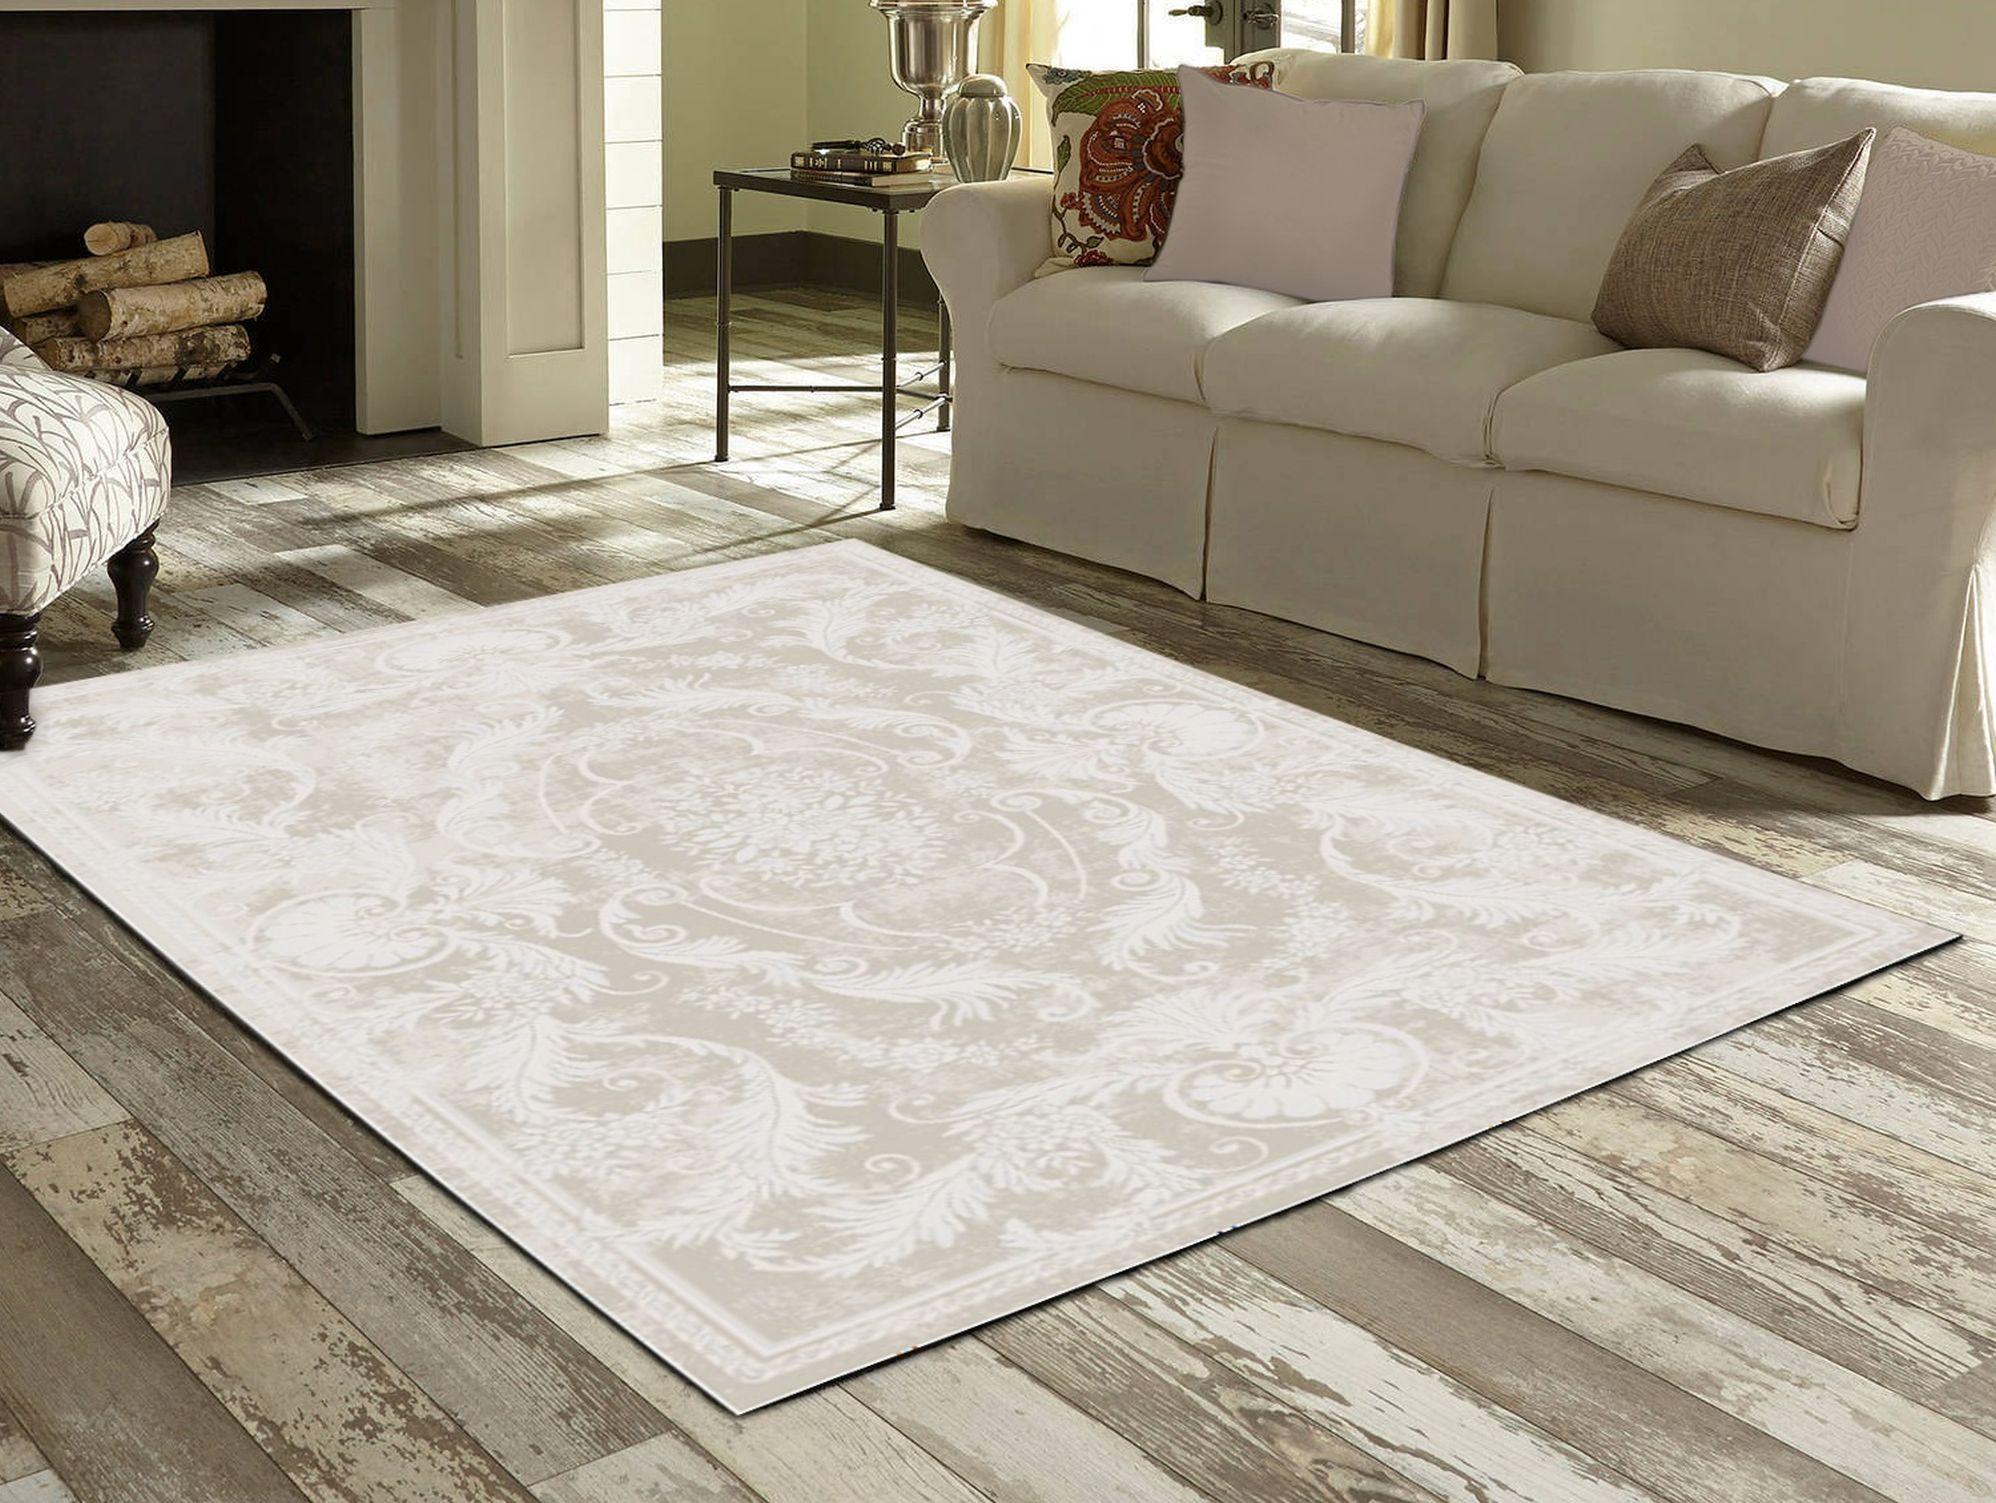 teppiche m bel online kaufen decopoint online shop teppich merinos manhatten. Black Bedroom Furniture Sets. Home Design Ideas